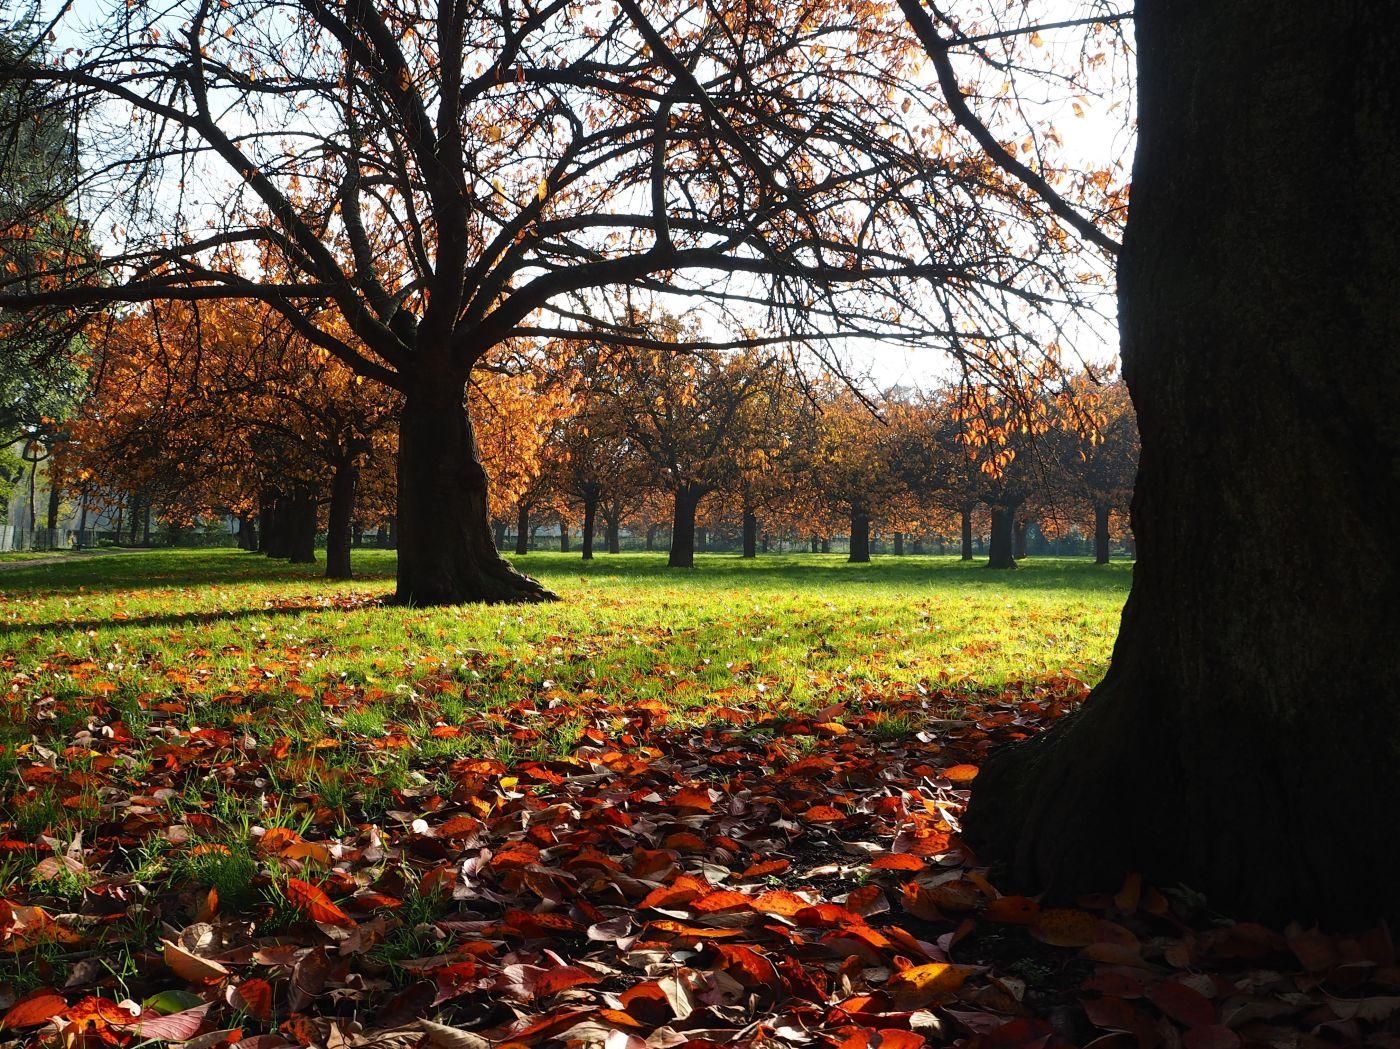 parc de sceaux cerisiers automne